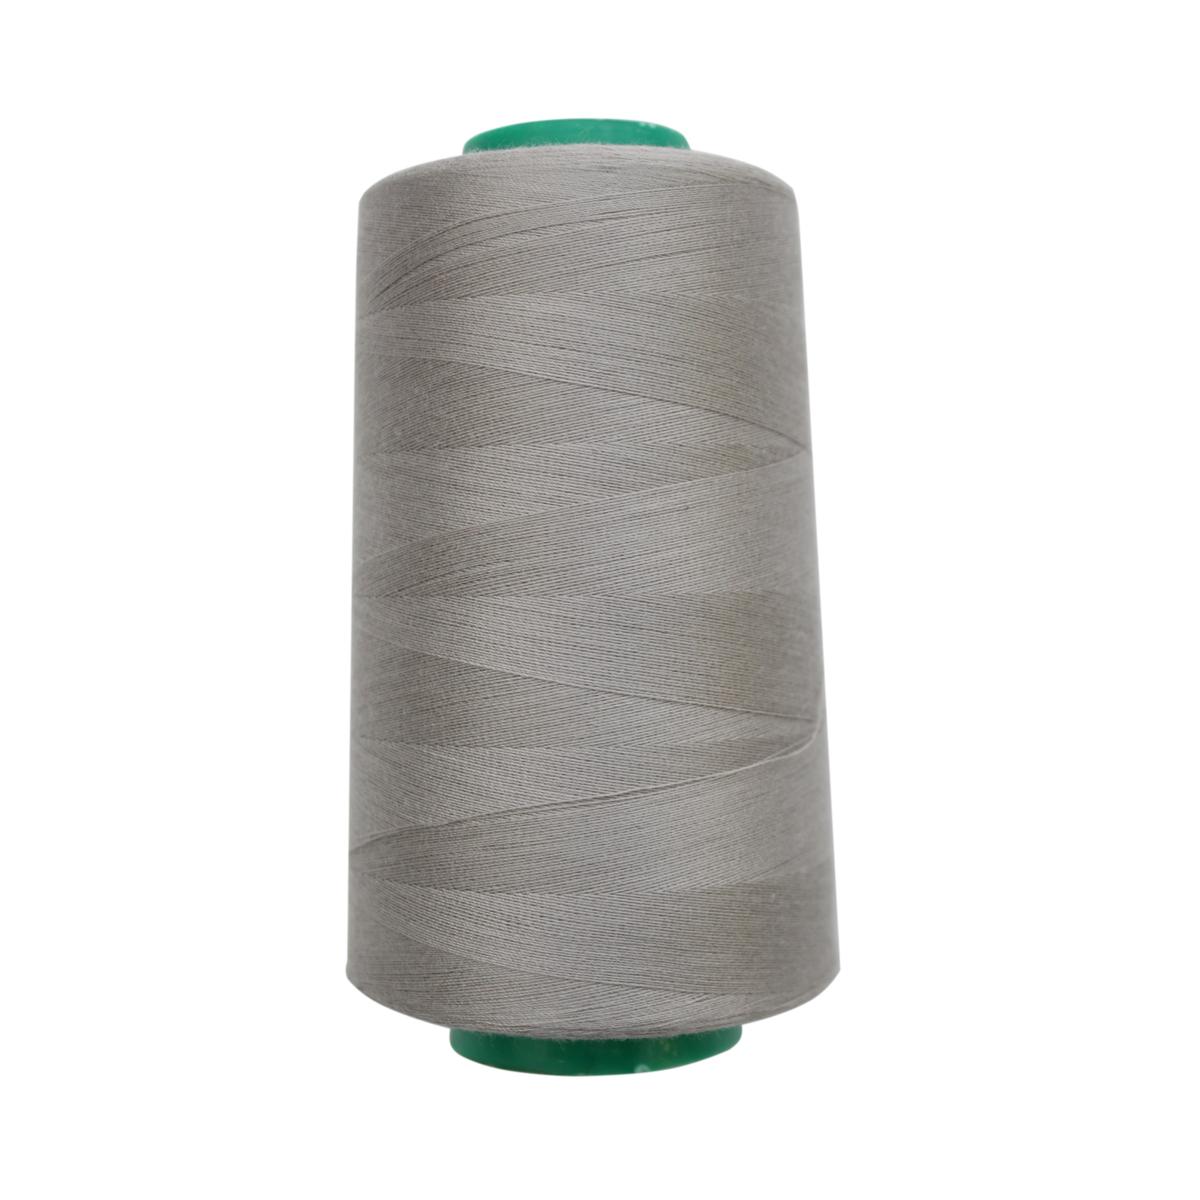 Нитки для шитья Bestex 50/2, 5000 ярд, цвет: т.серо-метал. (183)7700936-183Сфера использования: трикотаж; ткани малого веса; оверлочные швы; отделка краев; вышивка. Размер игл №70-80